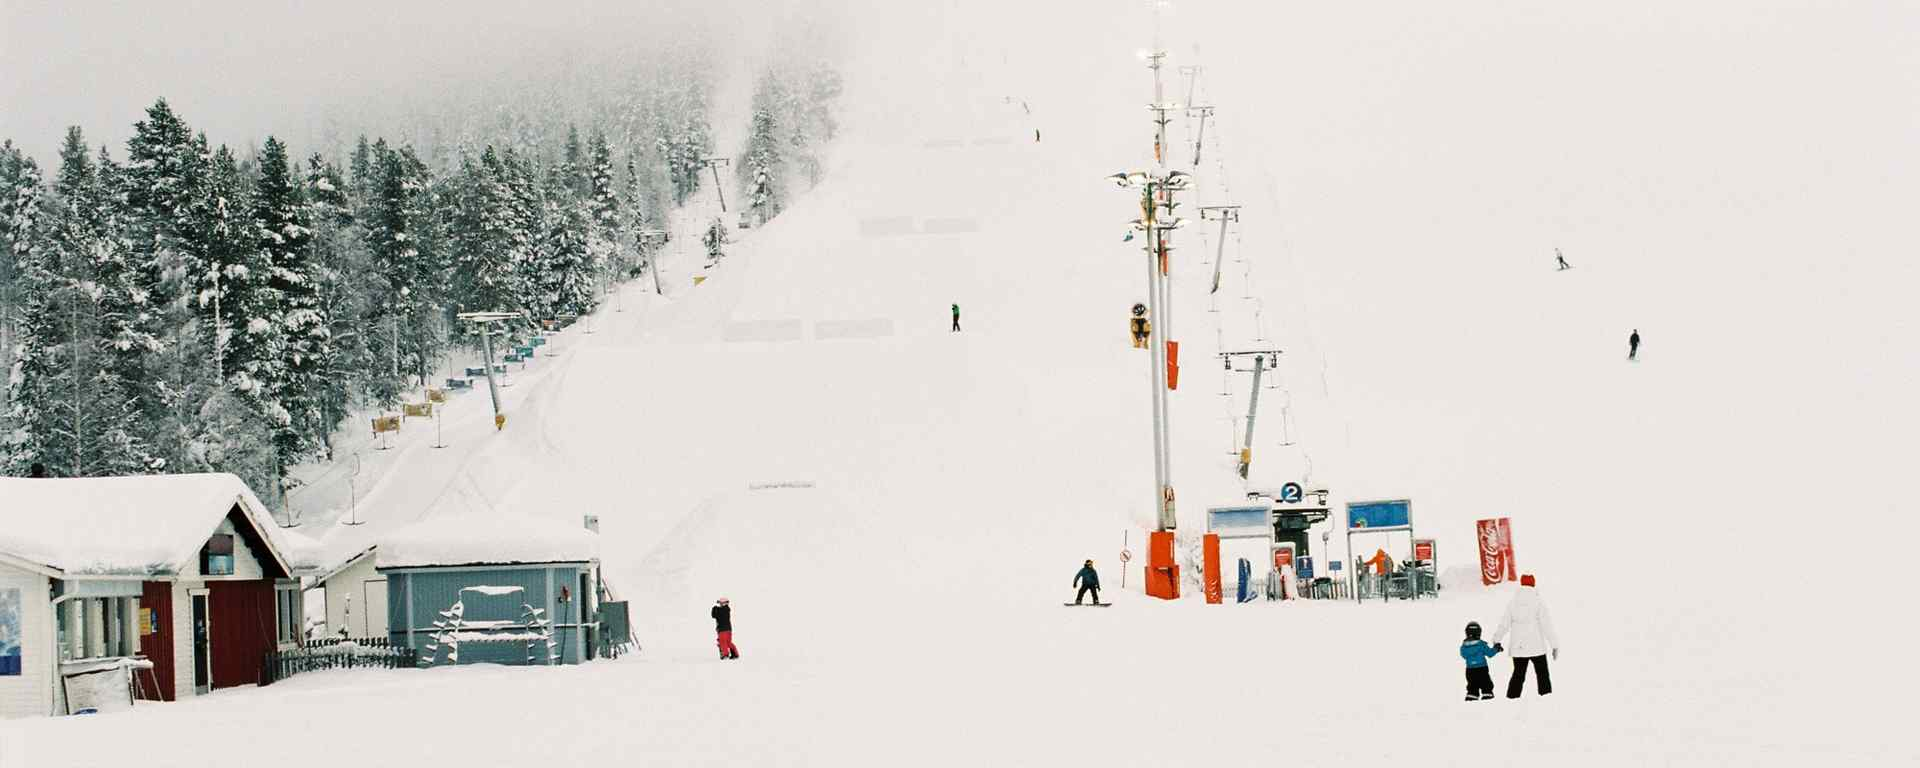 滑雪场_白雪皑皑静谧唯美的滑雪场_小清新滑雪场图片_帅气滑雪图片壁纸